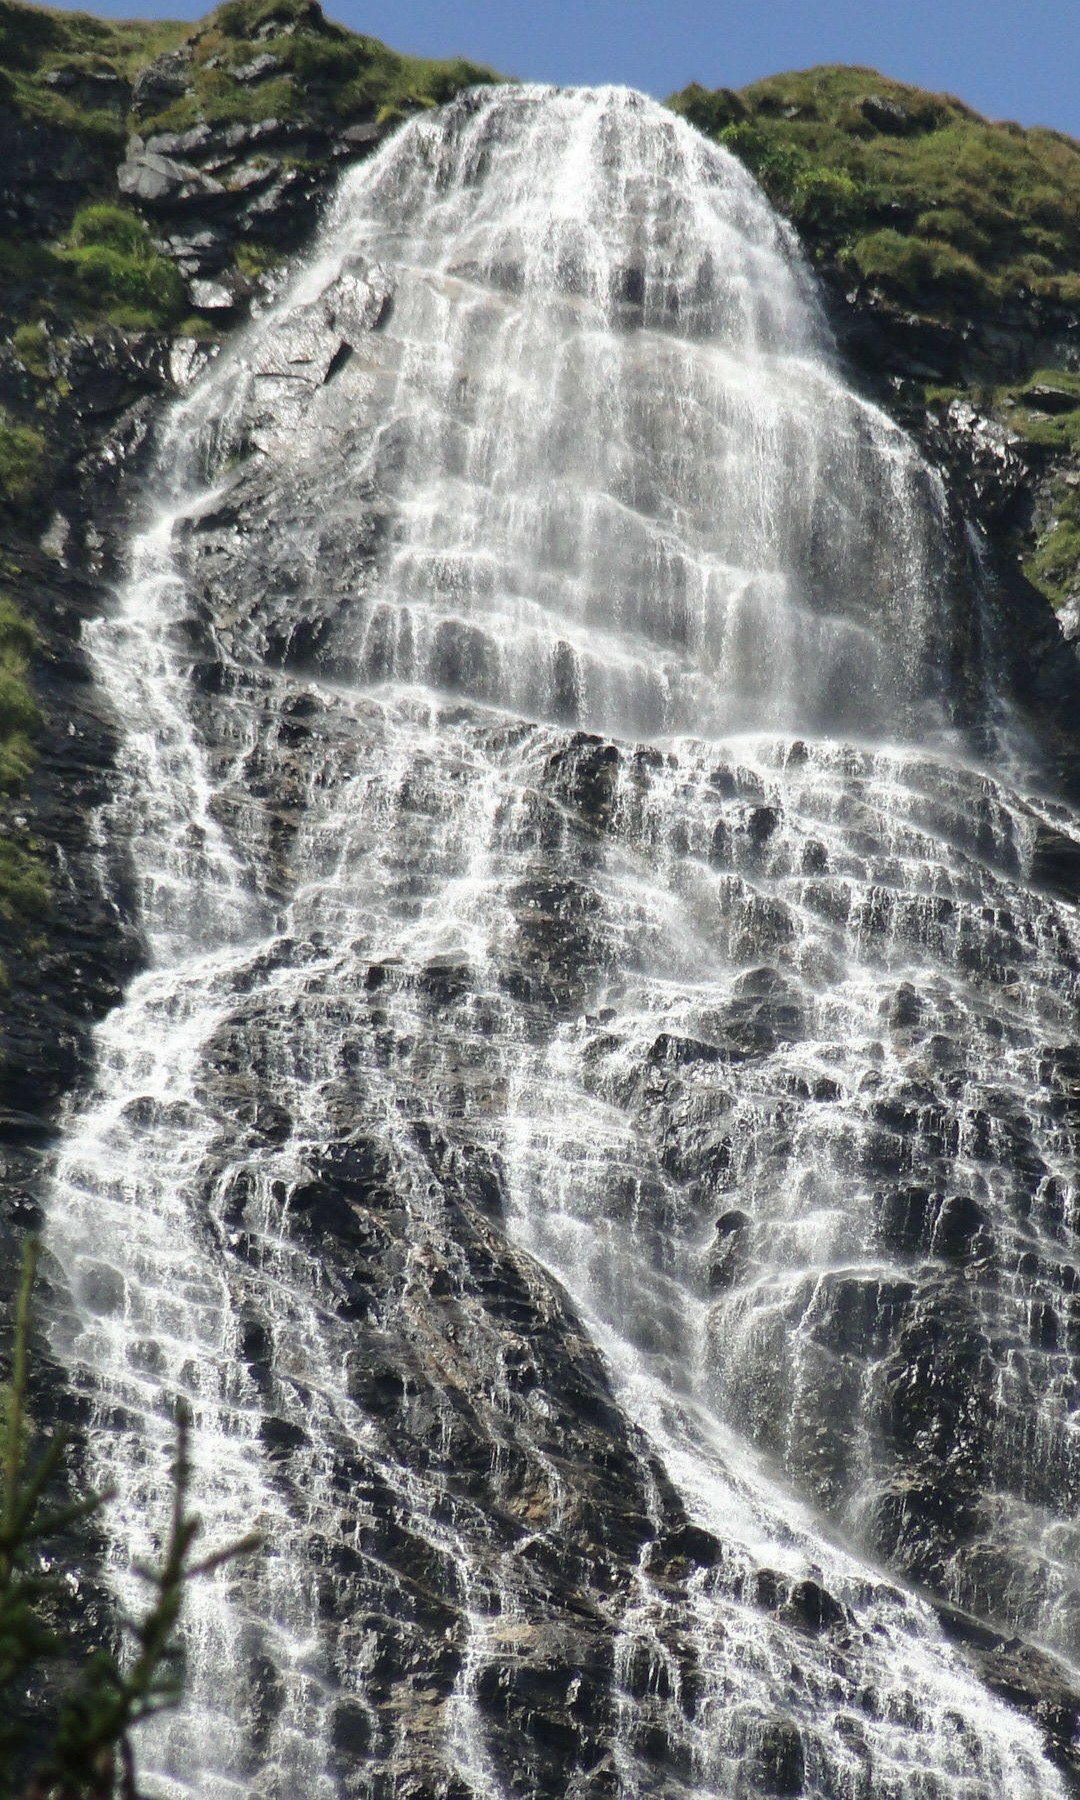 Wasserfälle säumen den Weg.